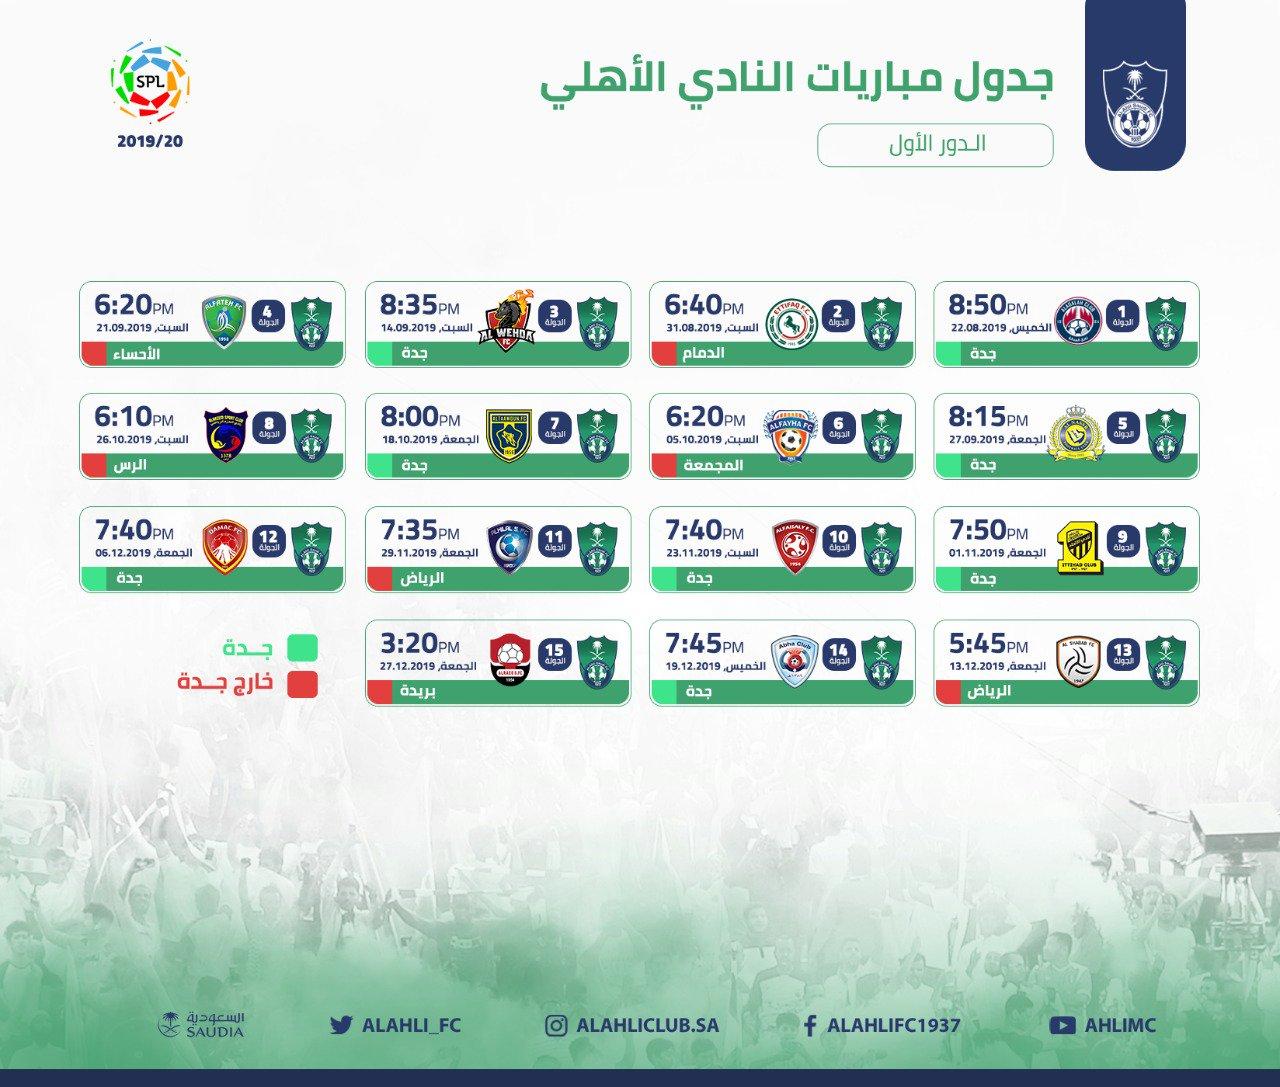 النادي الأهلي السعودي Twitterren جدول مباريات الأهلي